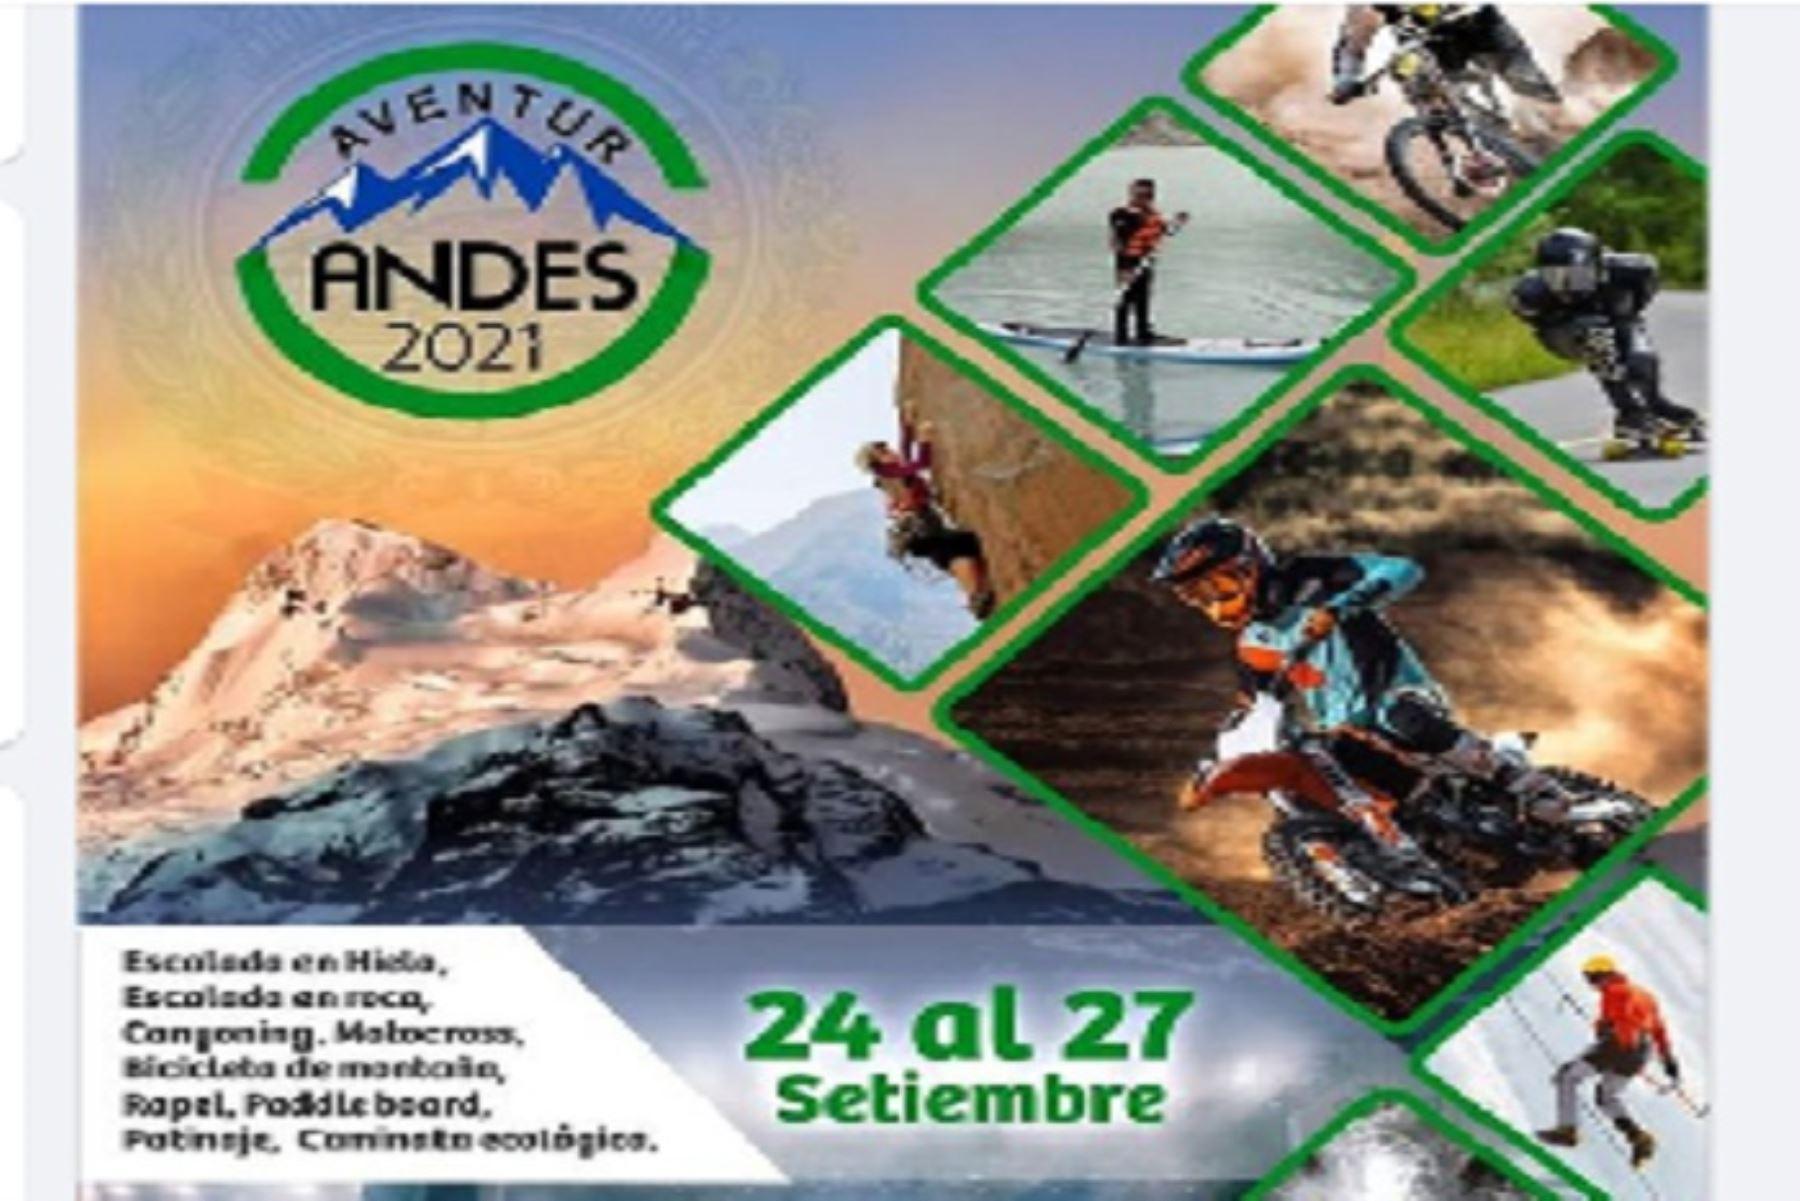 Para cerrar con broche de oro se efectuará una caminata ecológica por el Día Mundial del Turismo en el centro poblado de Chavín-Laguna Radián.